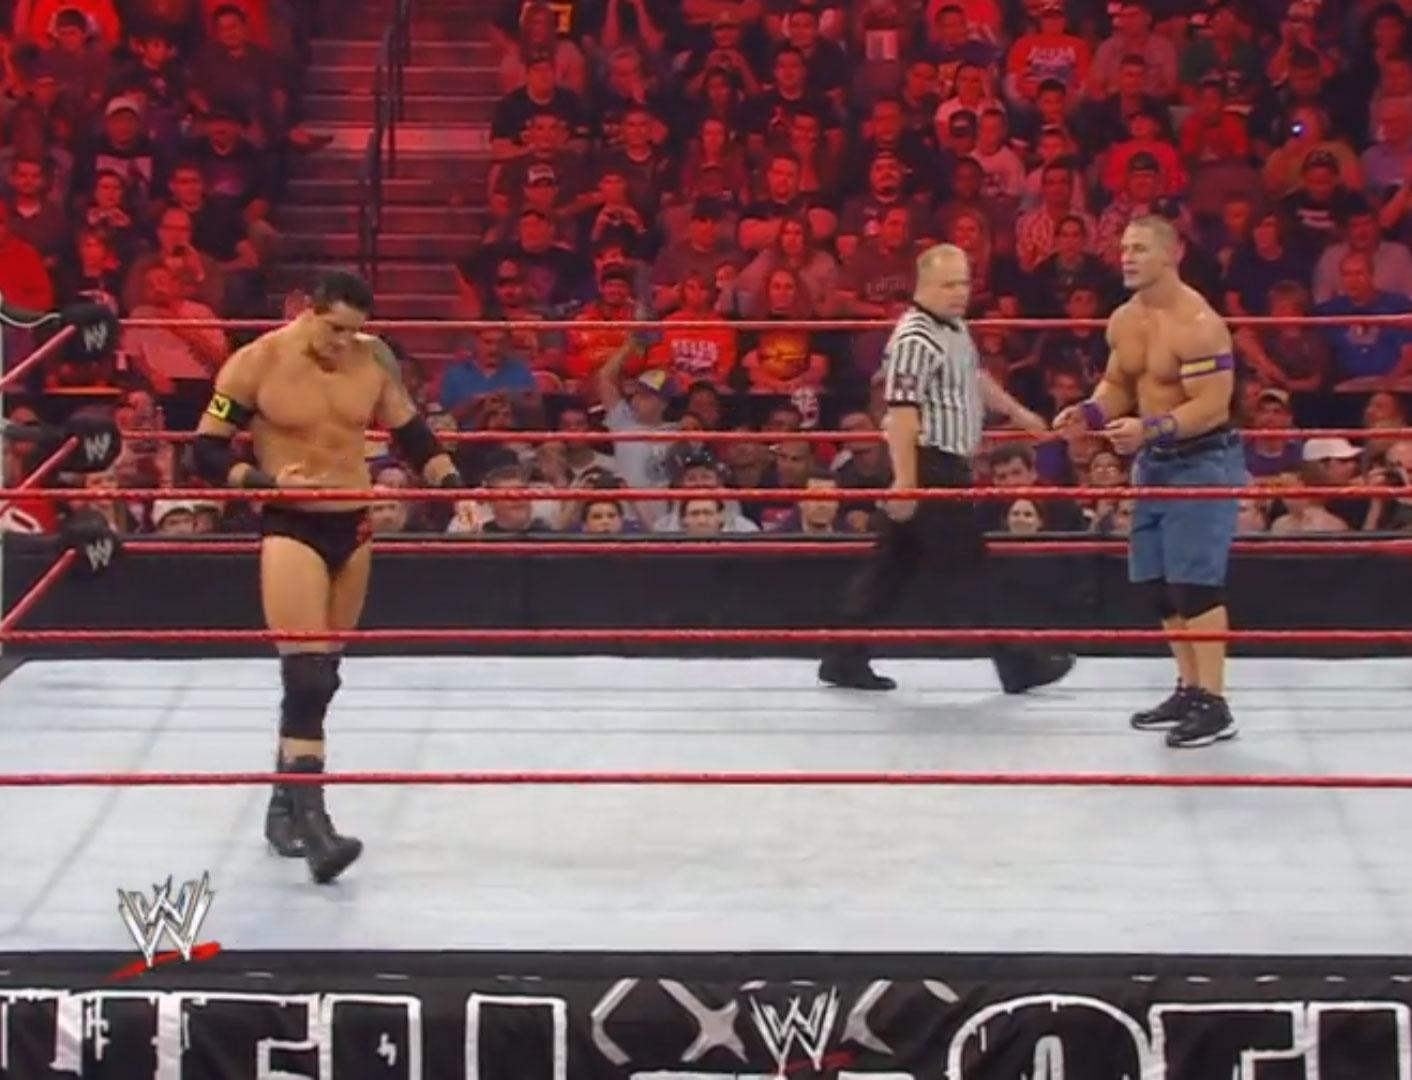 Wade Barrett vs. John Cena WWE Hell in a Cell '10 Oct 3rd 2010